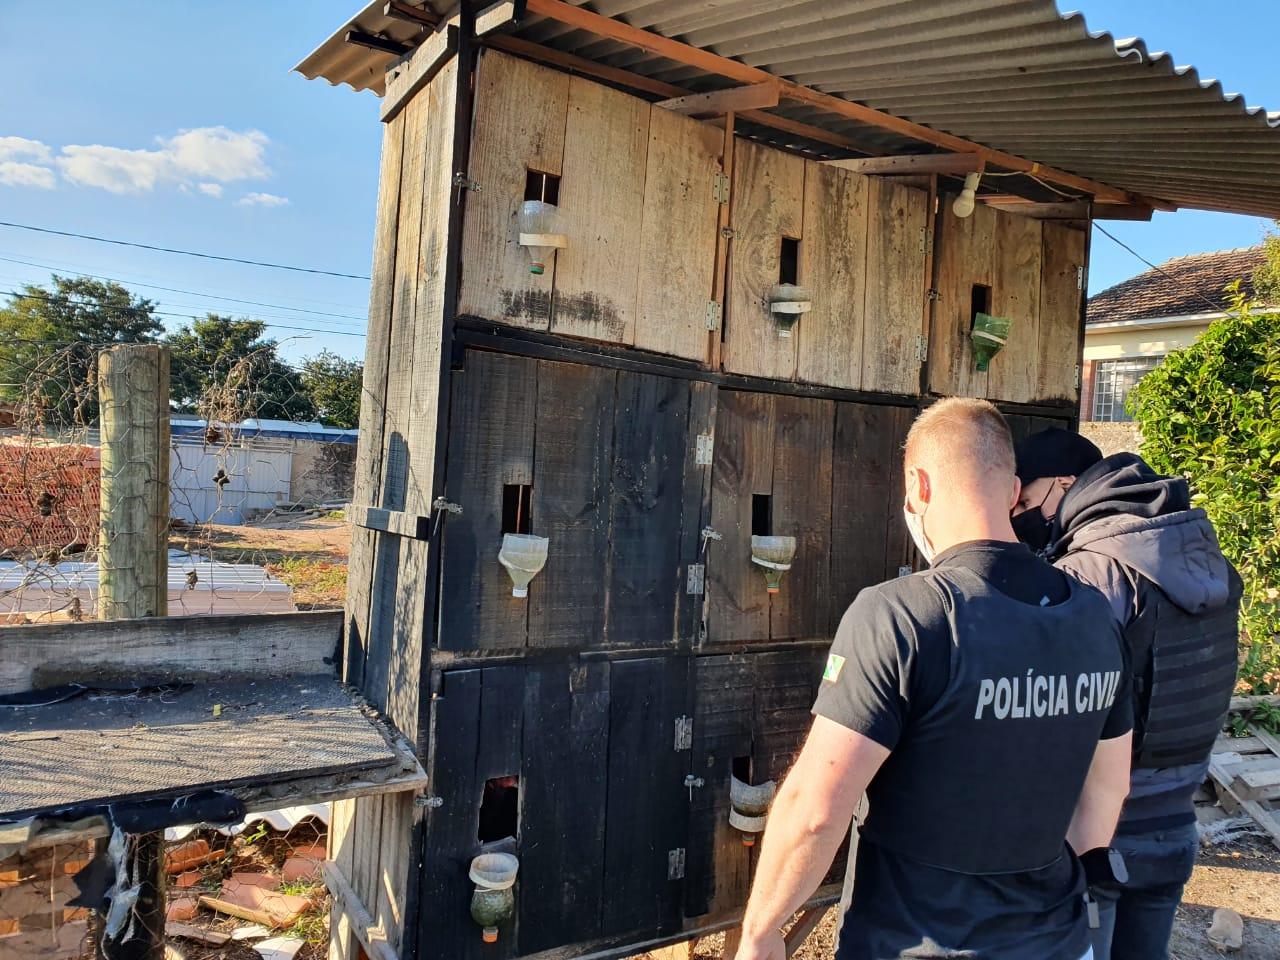 Polícia Civil de Castro realiza operação contra maus-tratos a animais